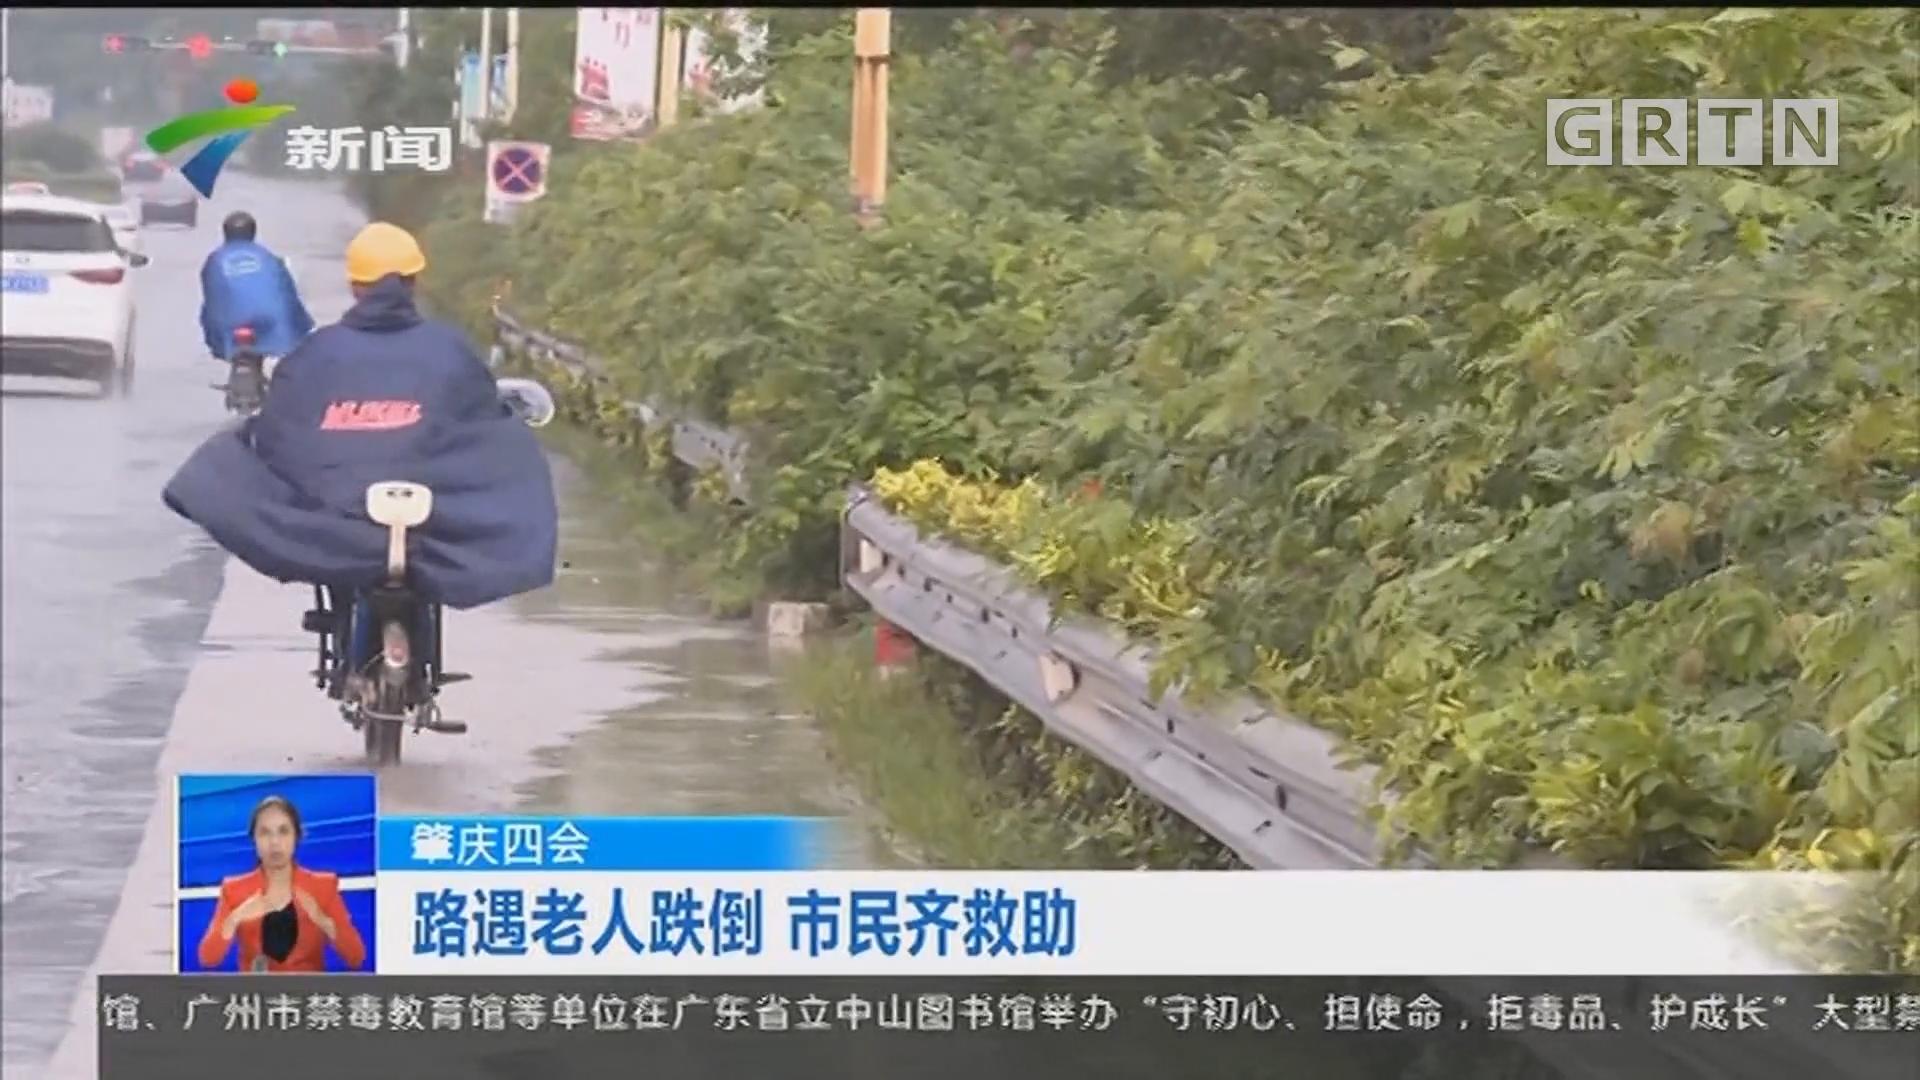 肇庆四会:路遇老人跌倒 市民齐救助